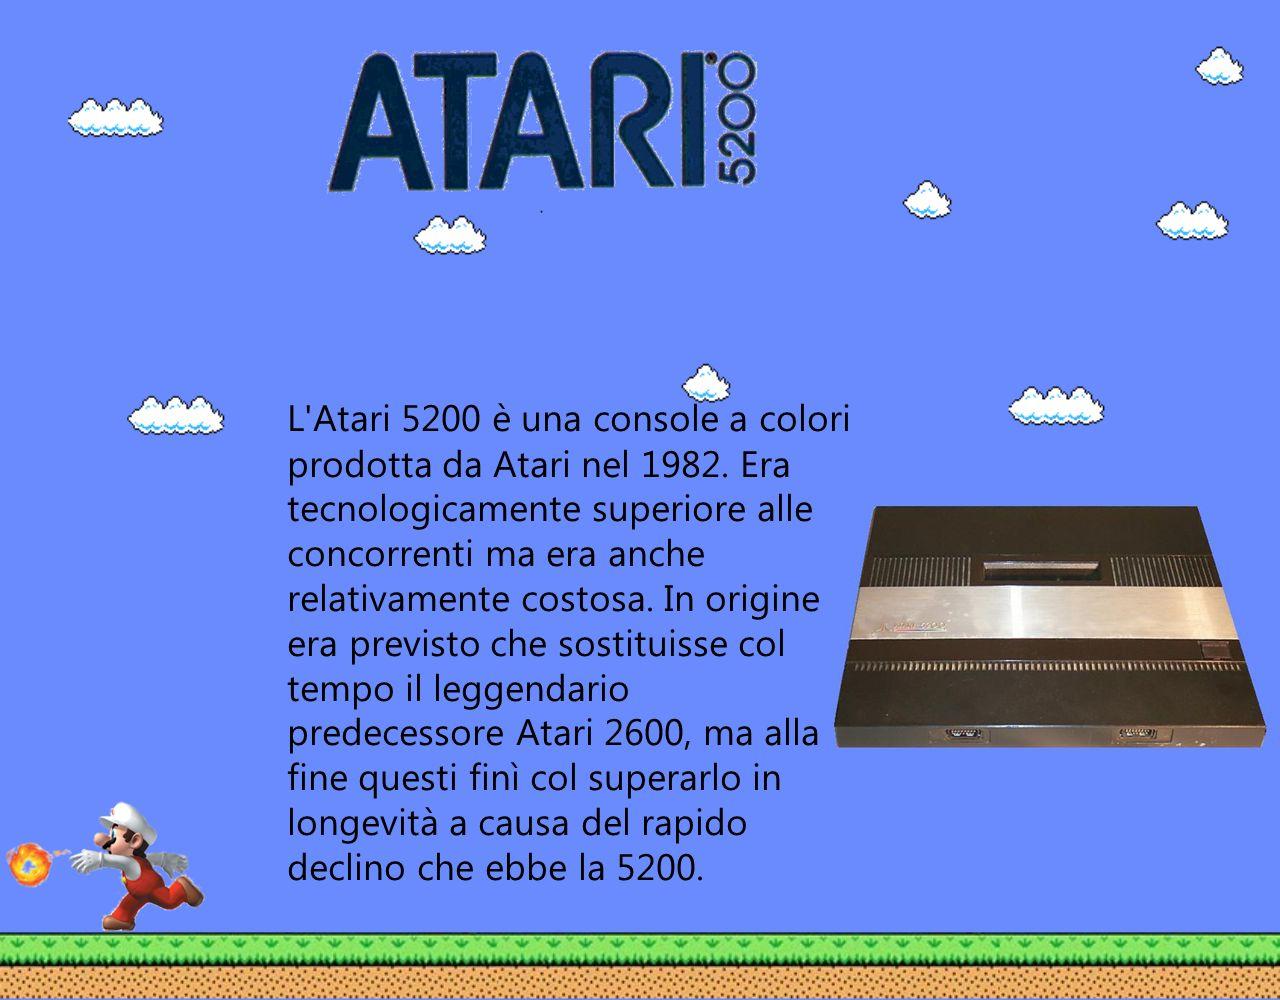 L Atari 5200 è una console a colori prodotta da Atari nel 1982